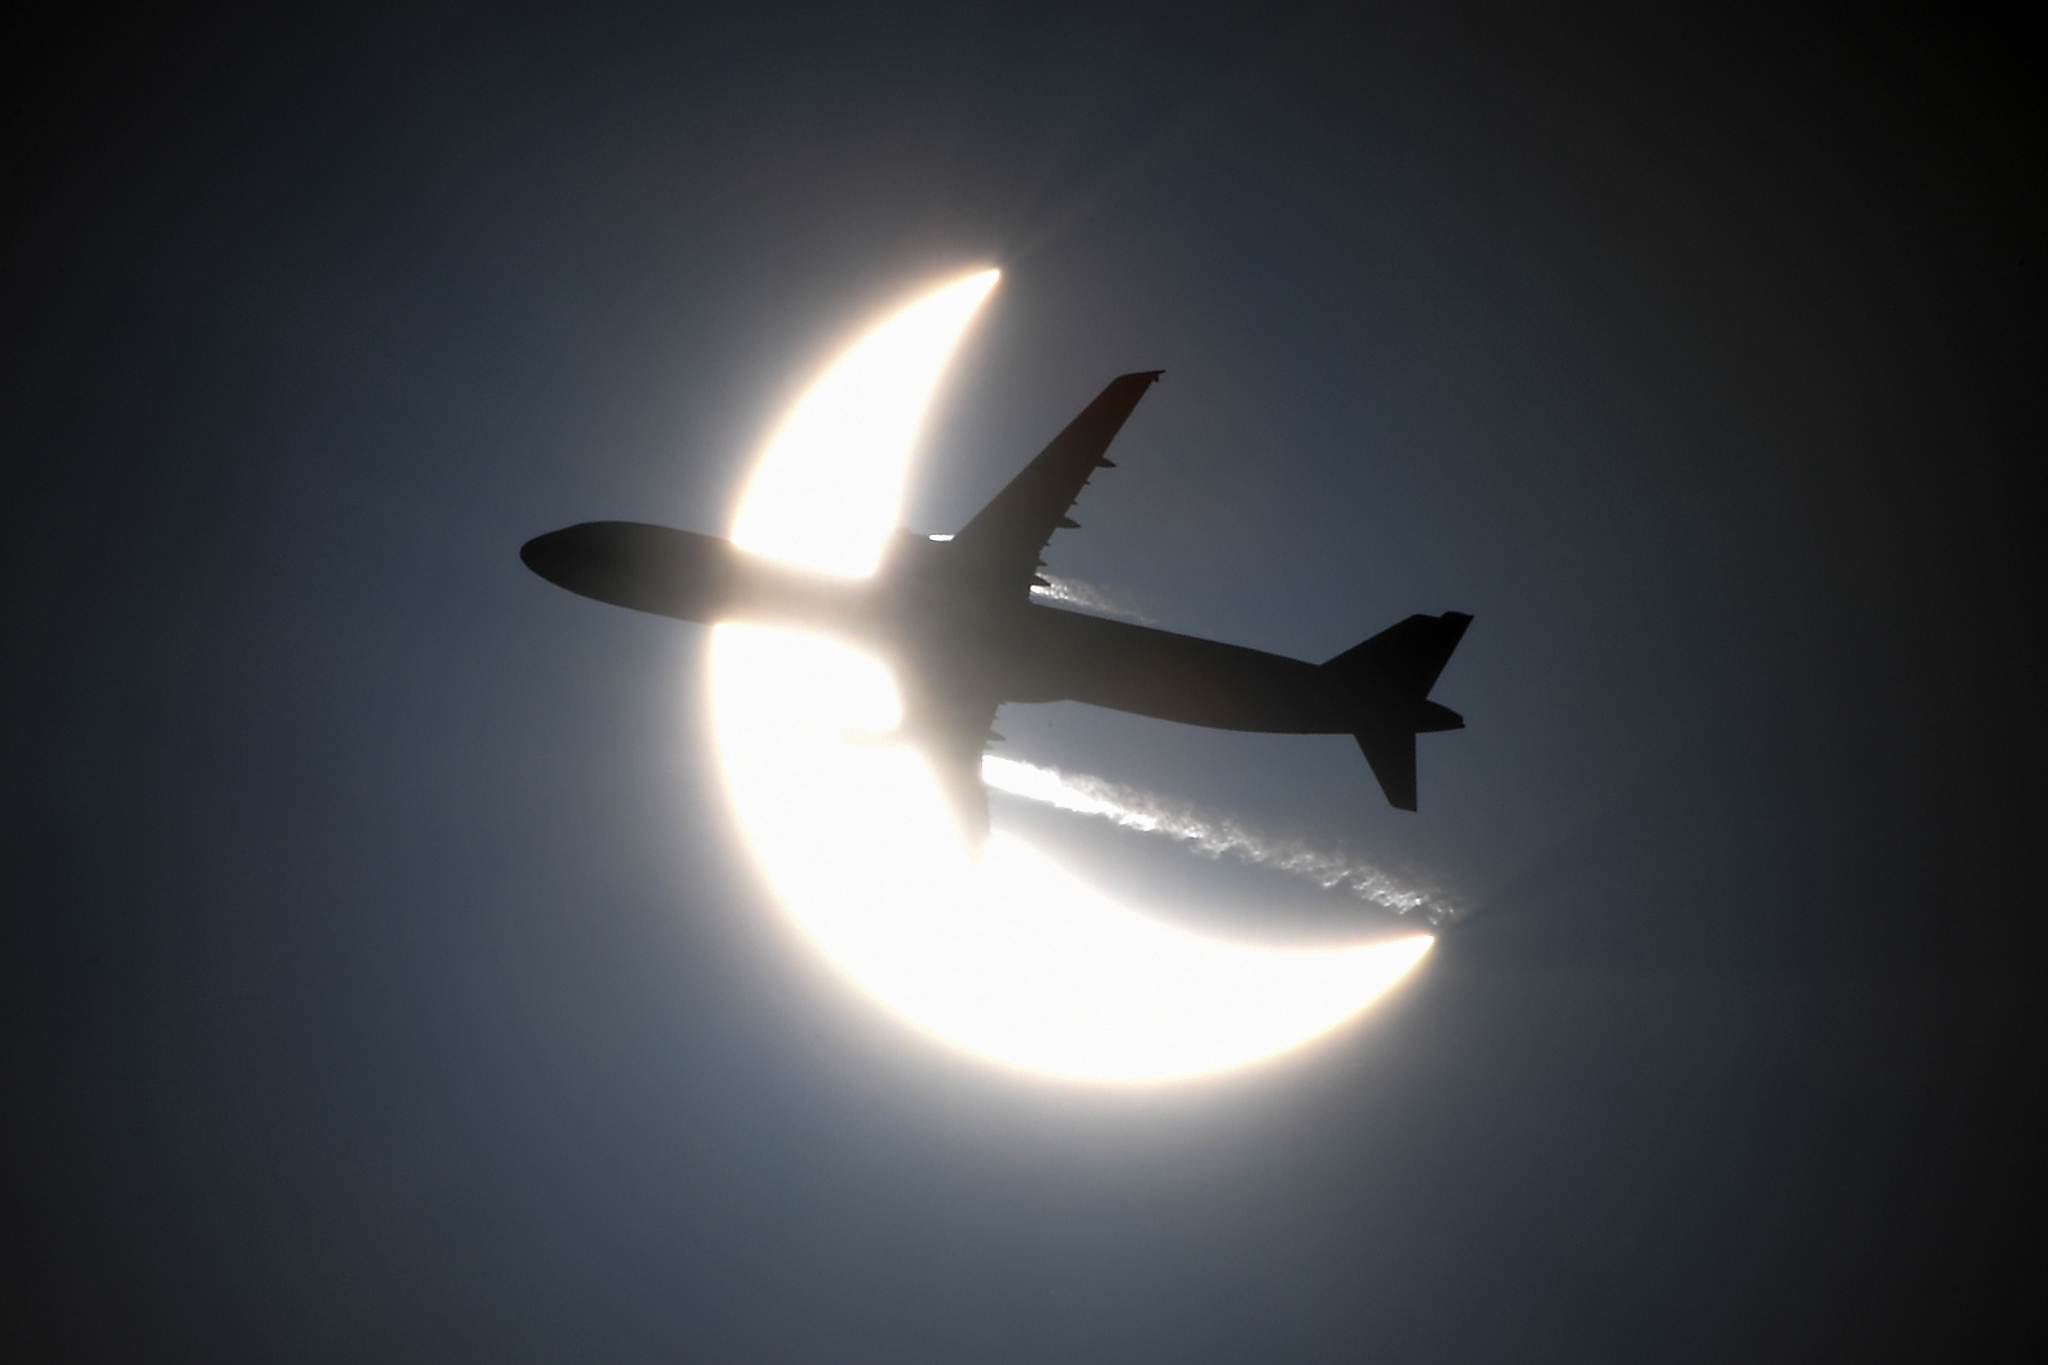 Khoảnh khắc máy bay Việt Nam xuyên qua Nhật thực hiếm gặp, nhìn từ góc máy độc đáo - Ảnh 6.